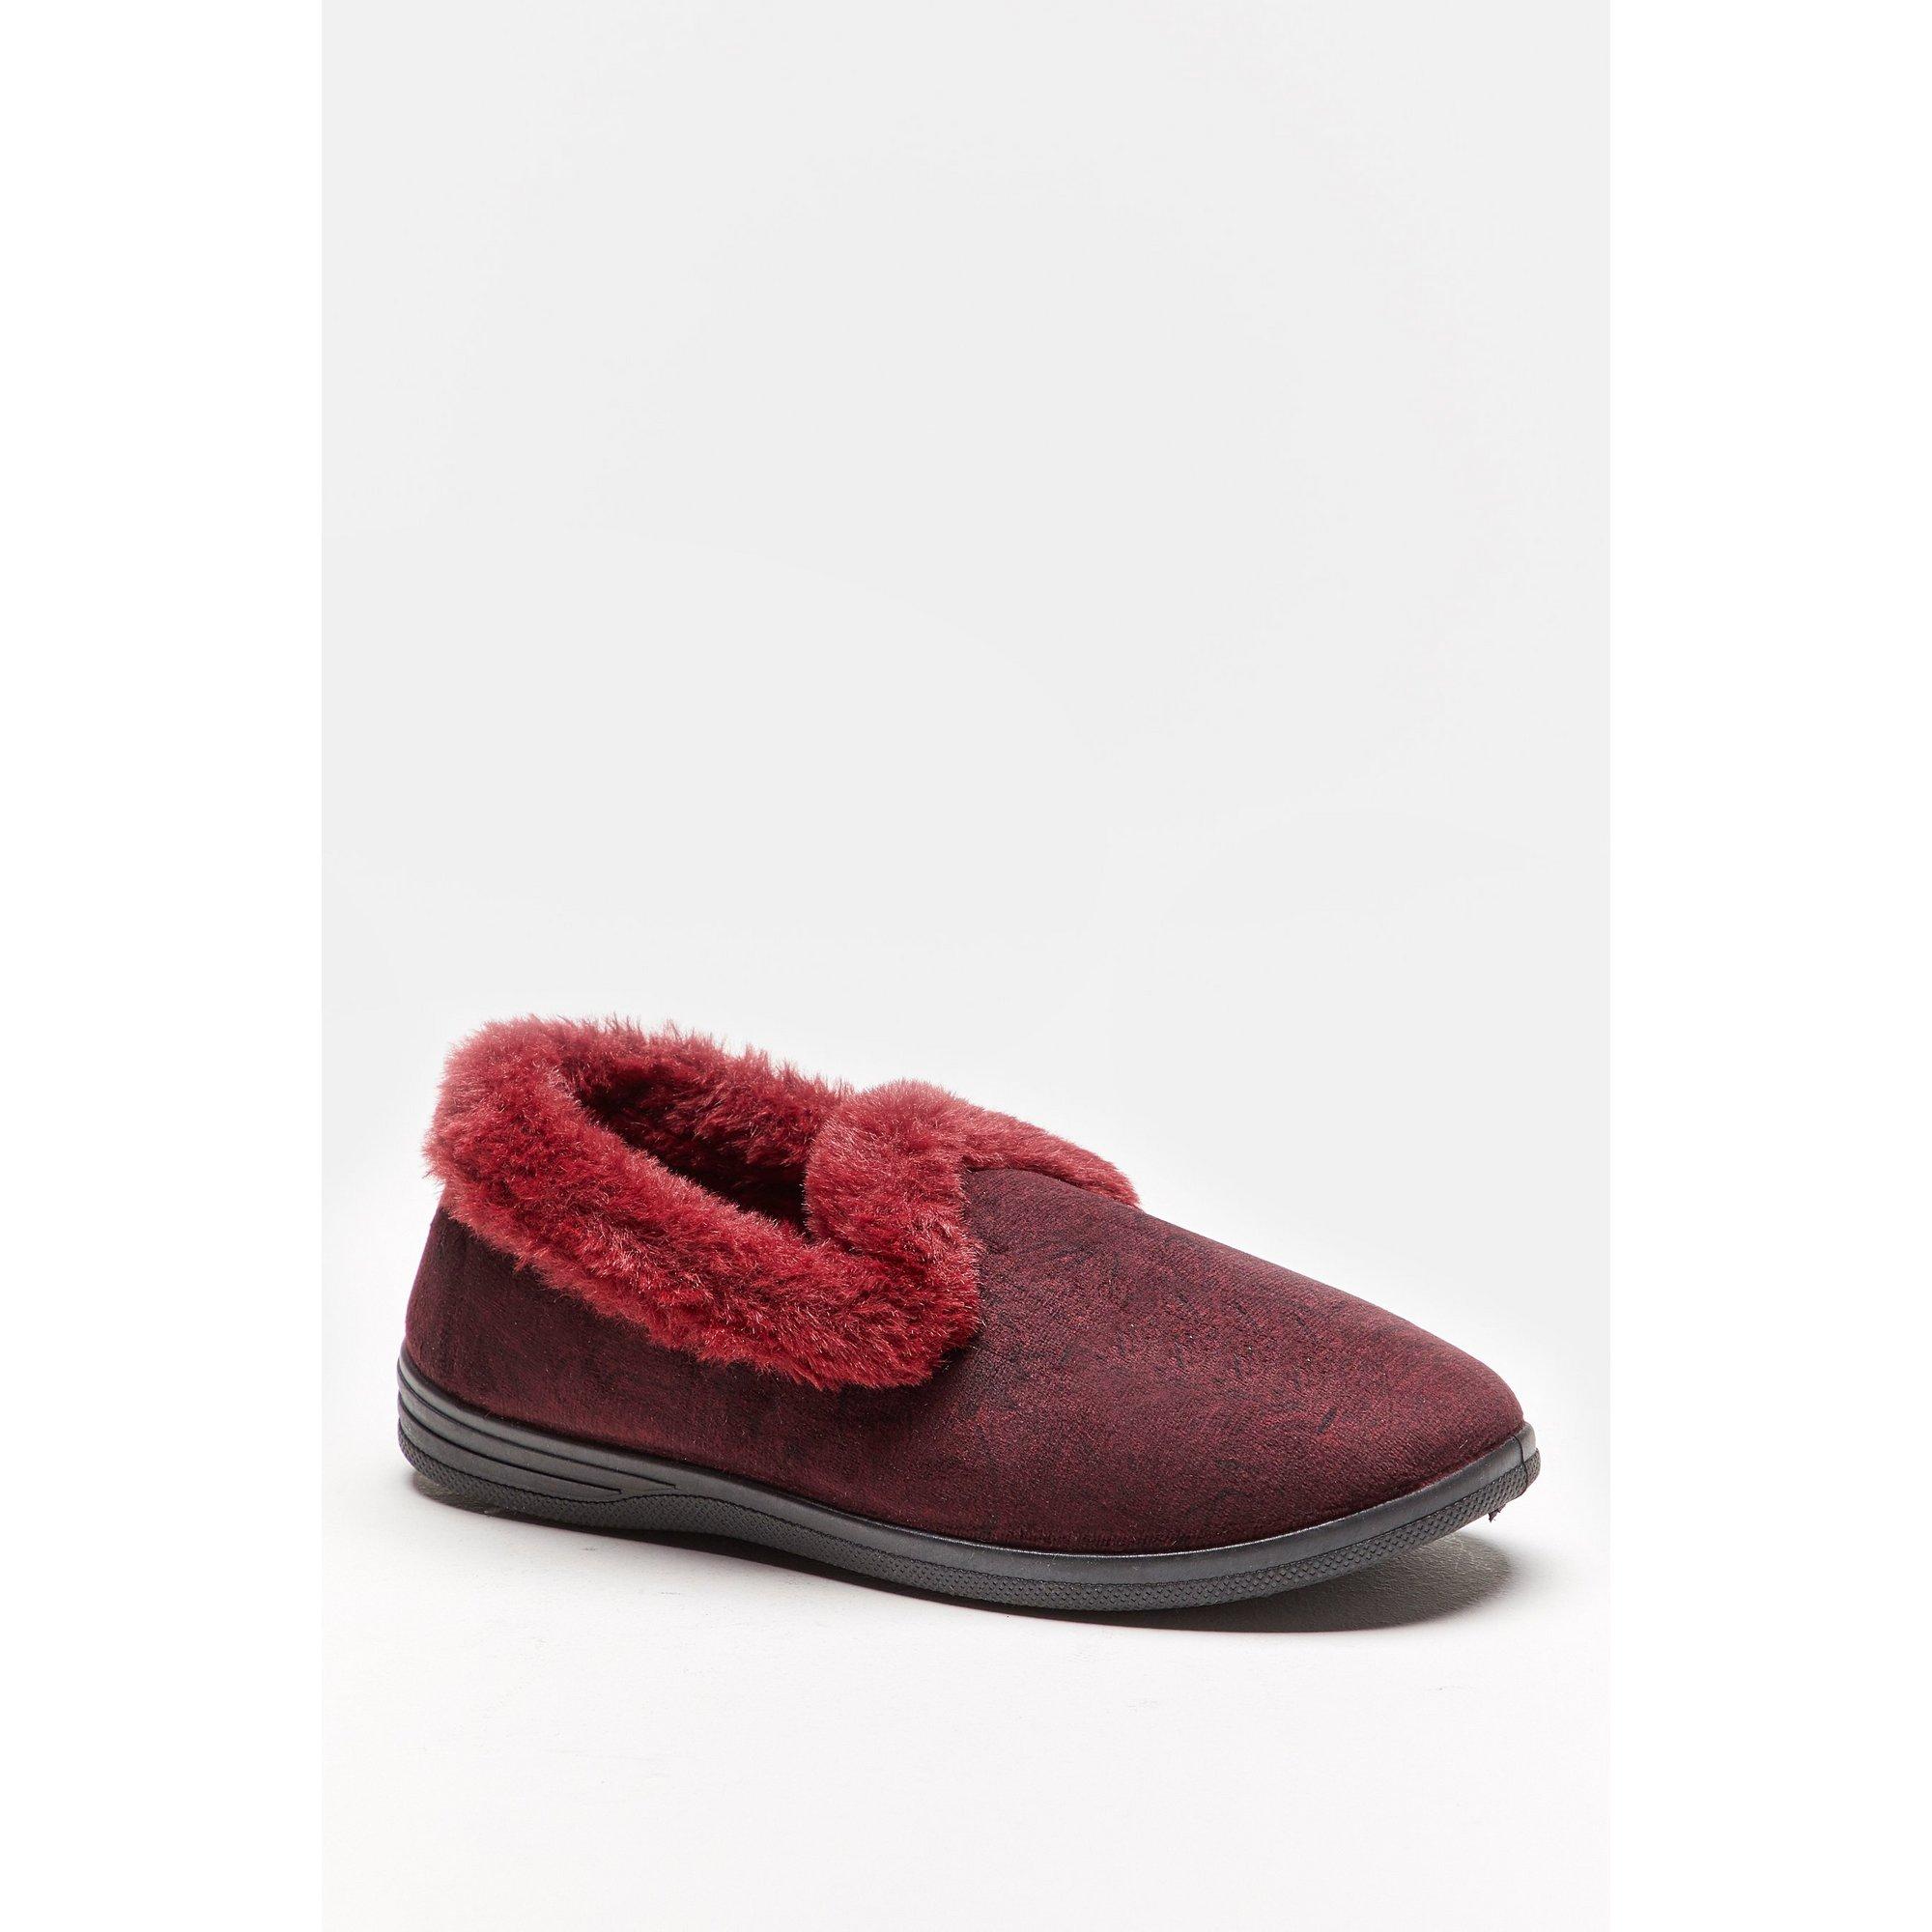 Image of Cushion Walk Floral Velvet Burgundy Slippers